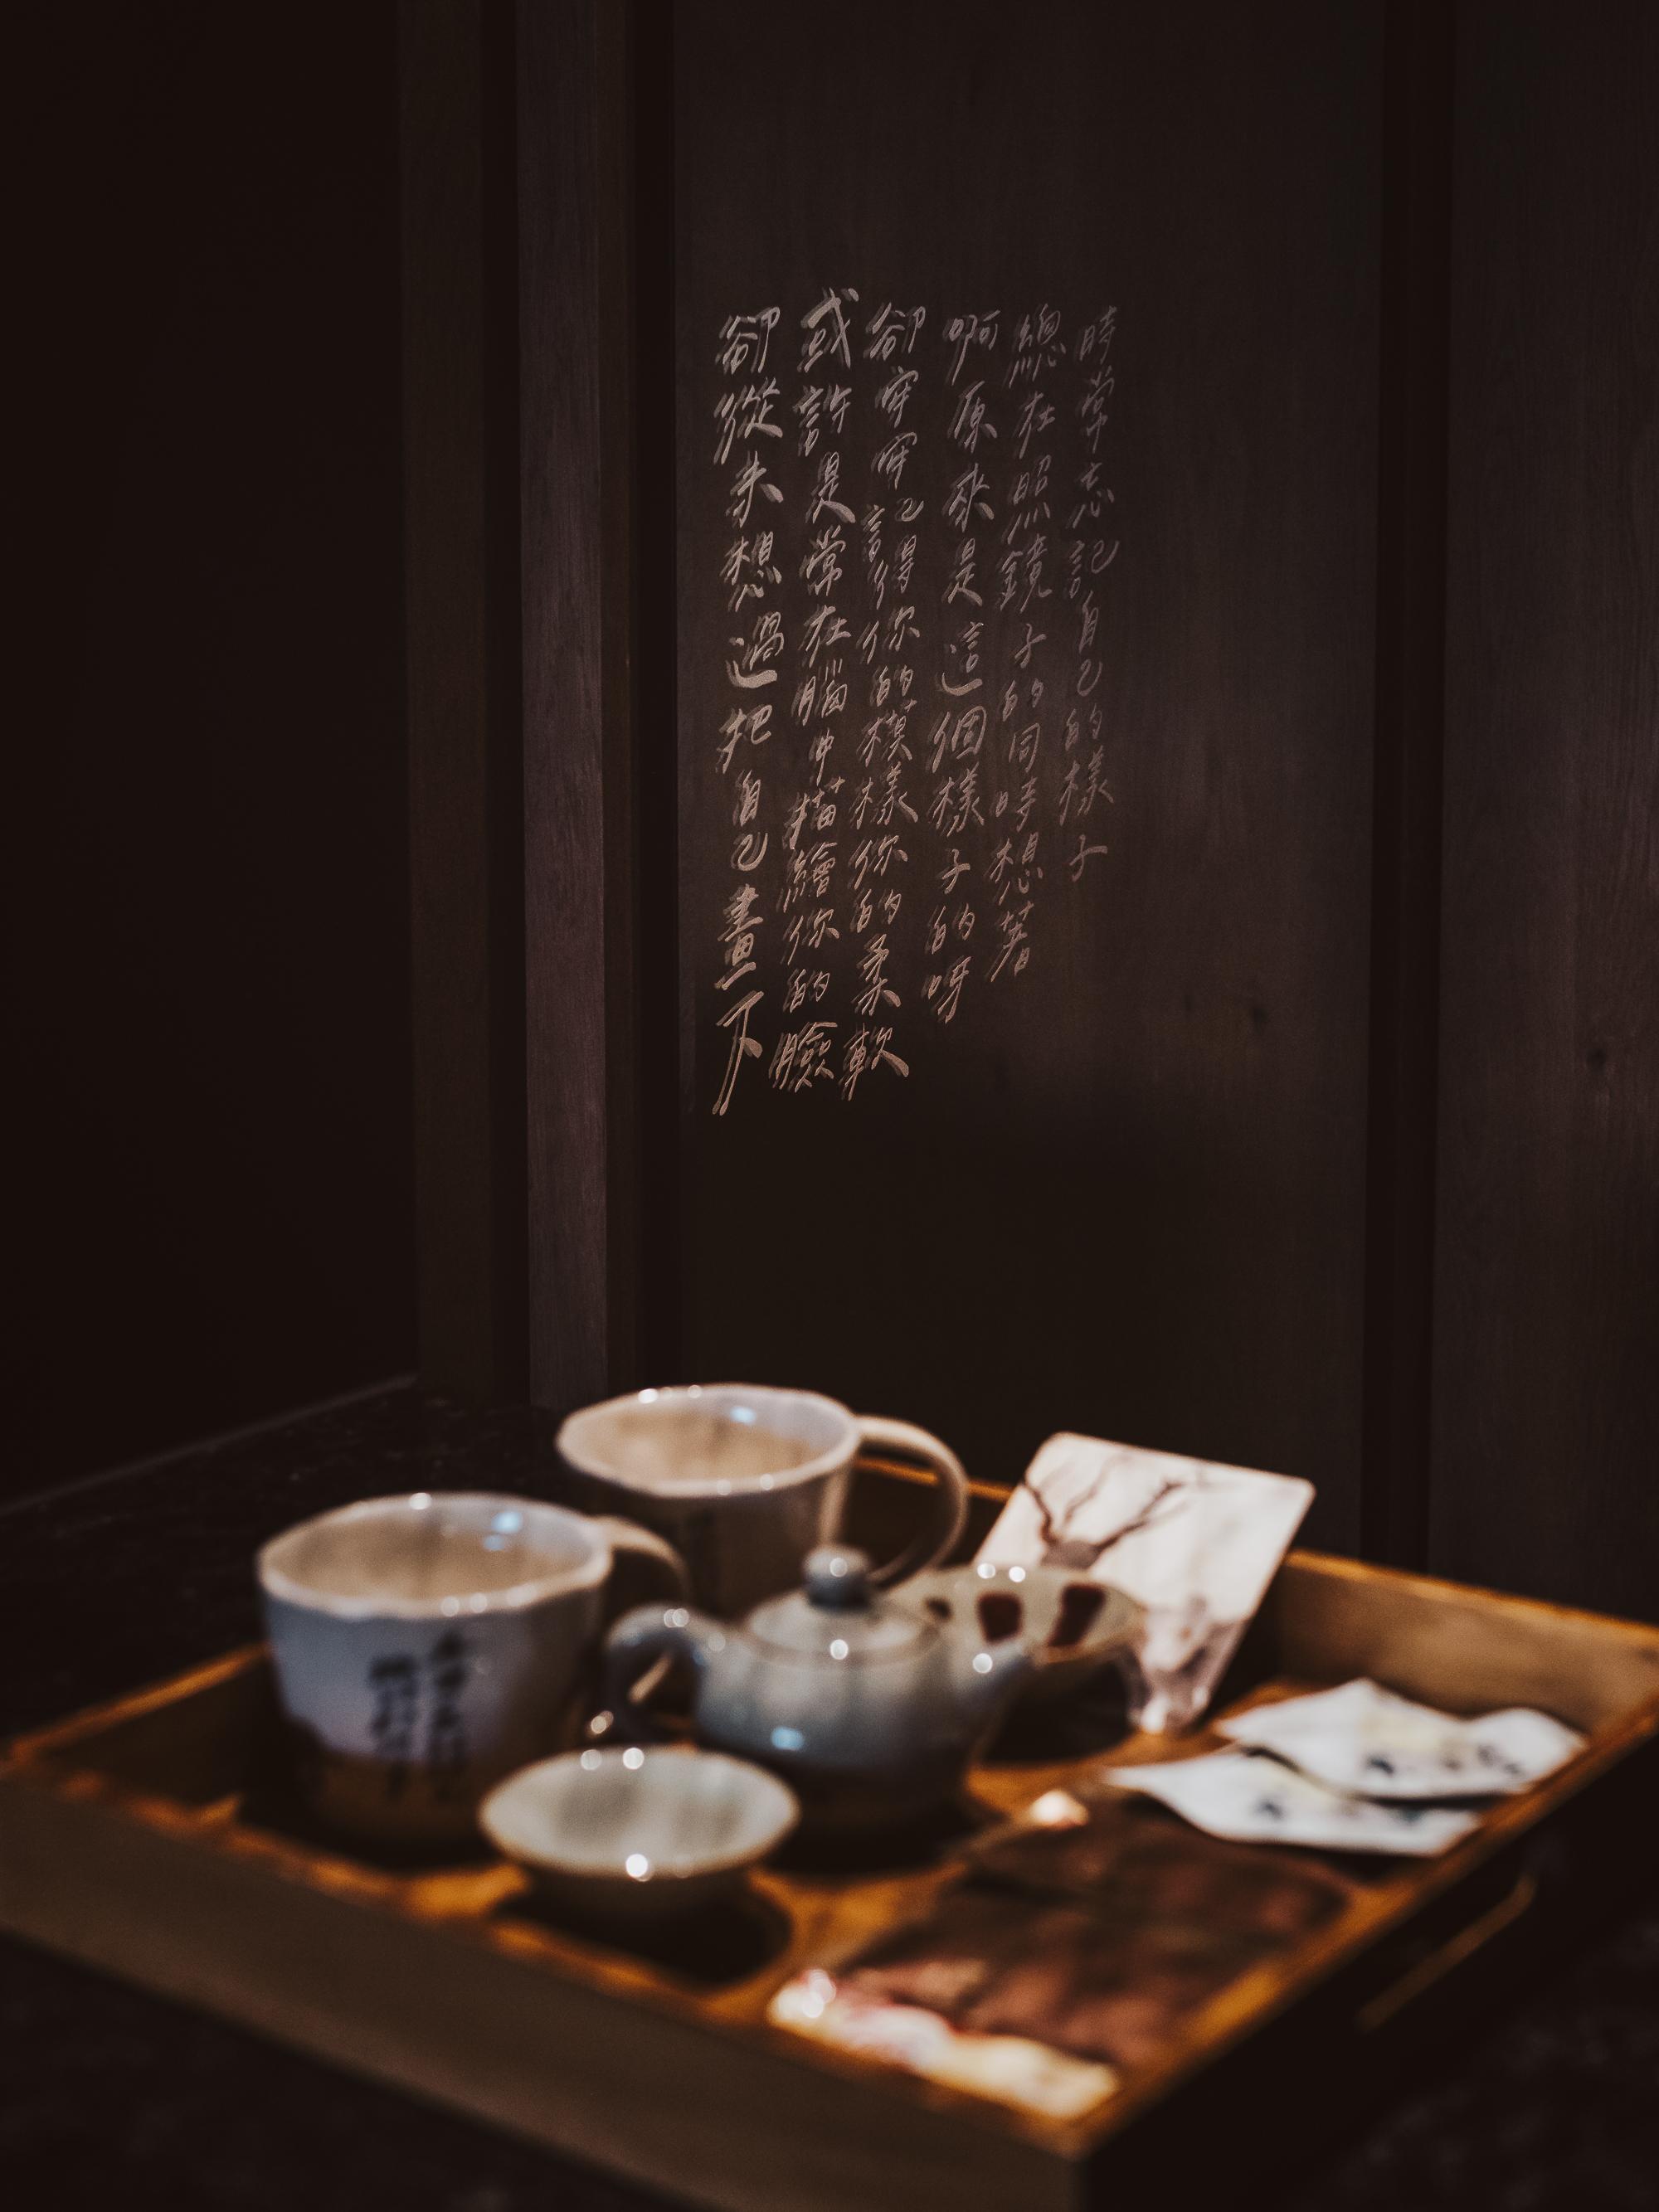 Home Hotel Da-An Interior Photography - Olympus EM1Markii 2512 - Yes! Please Enjoy-4.jpg